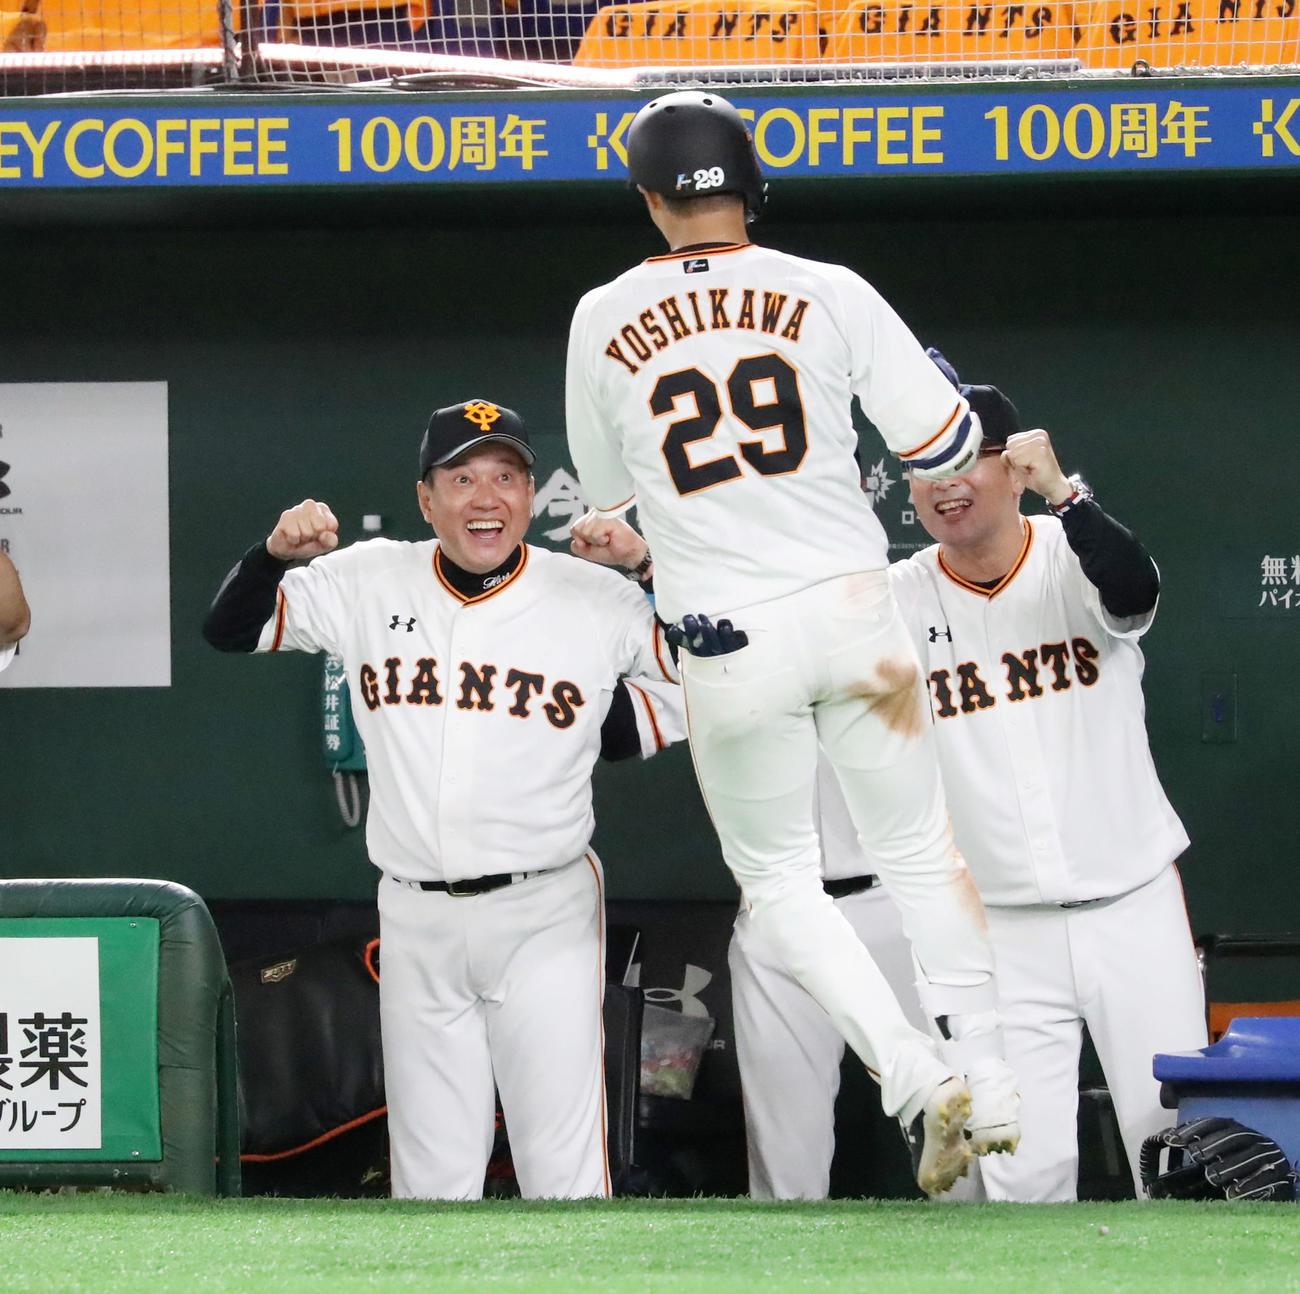 7回裏巨人1死二塁、原監督(左)は右越え2点本塁打を放った吉川尚を笑顔で出迎える(撮影・加藤哉)